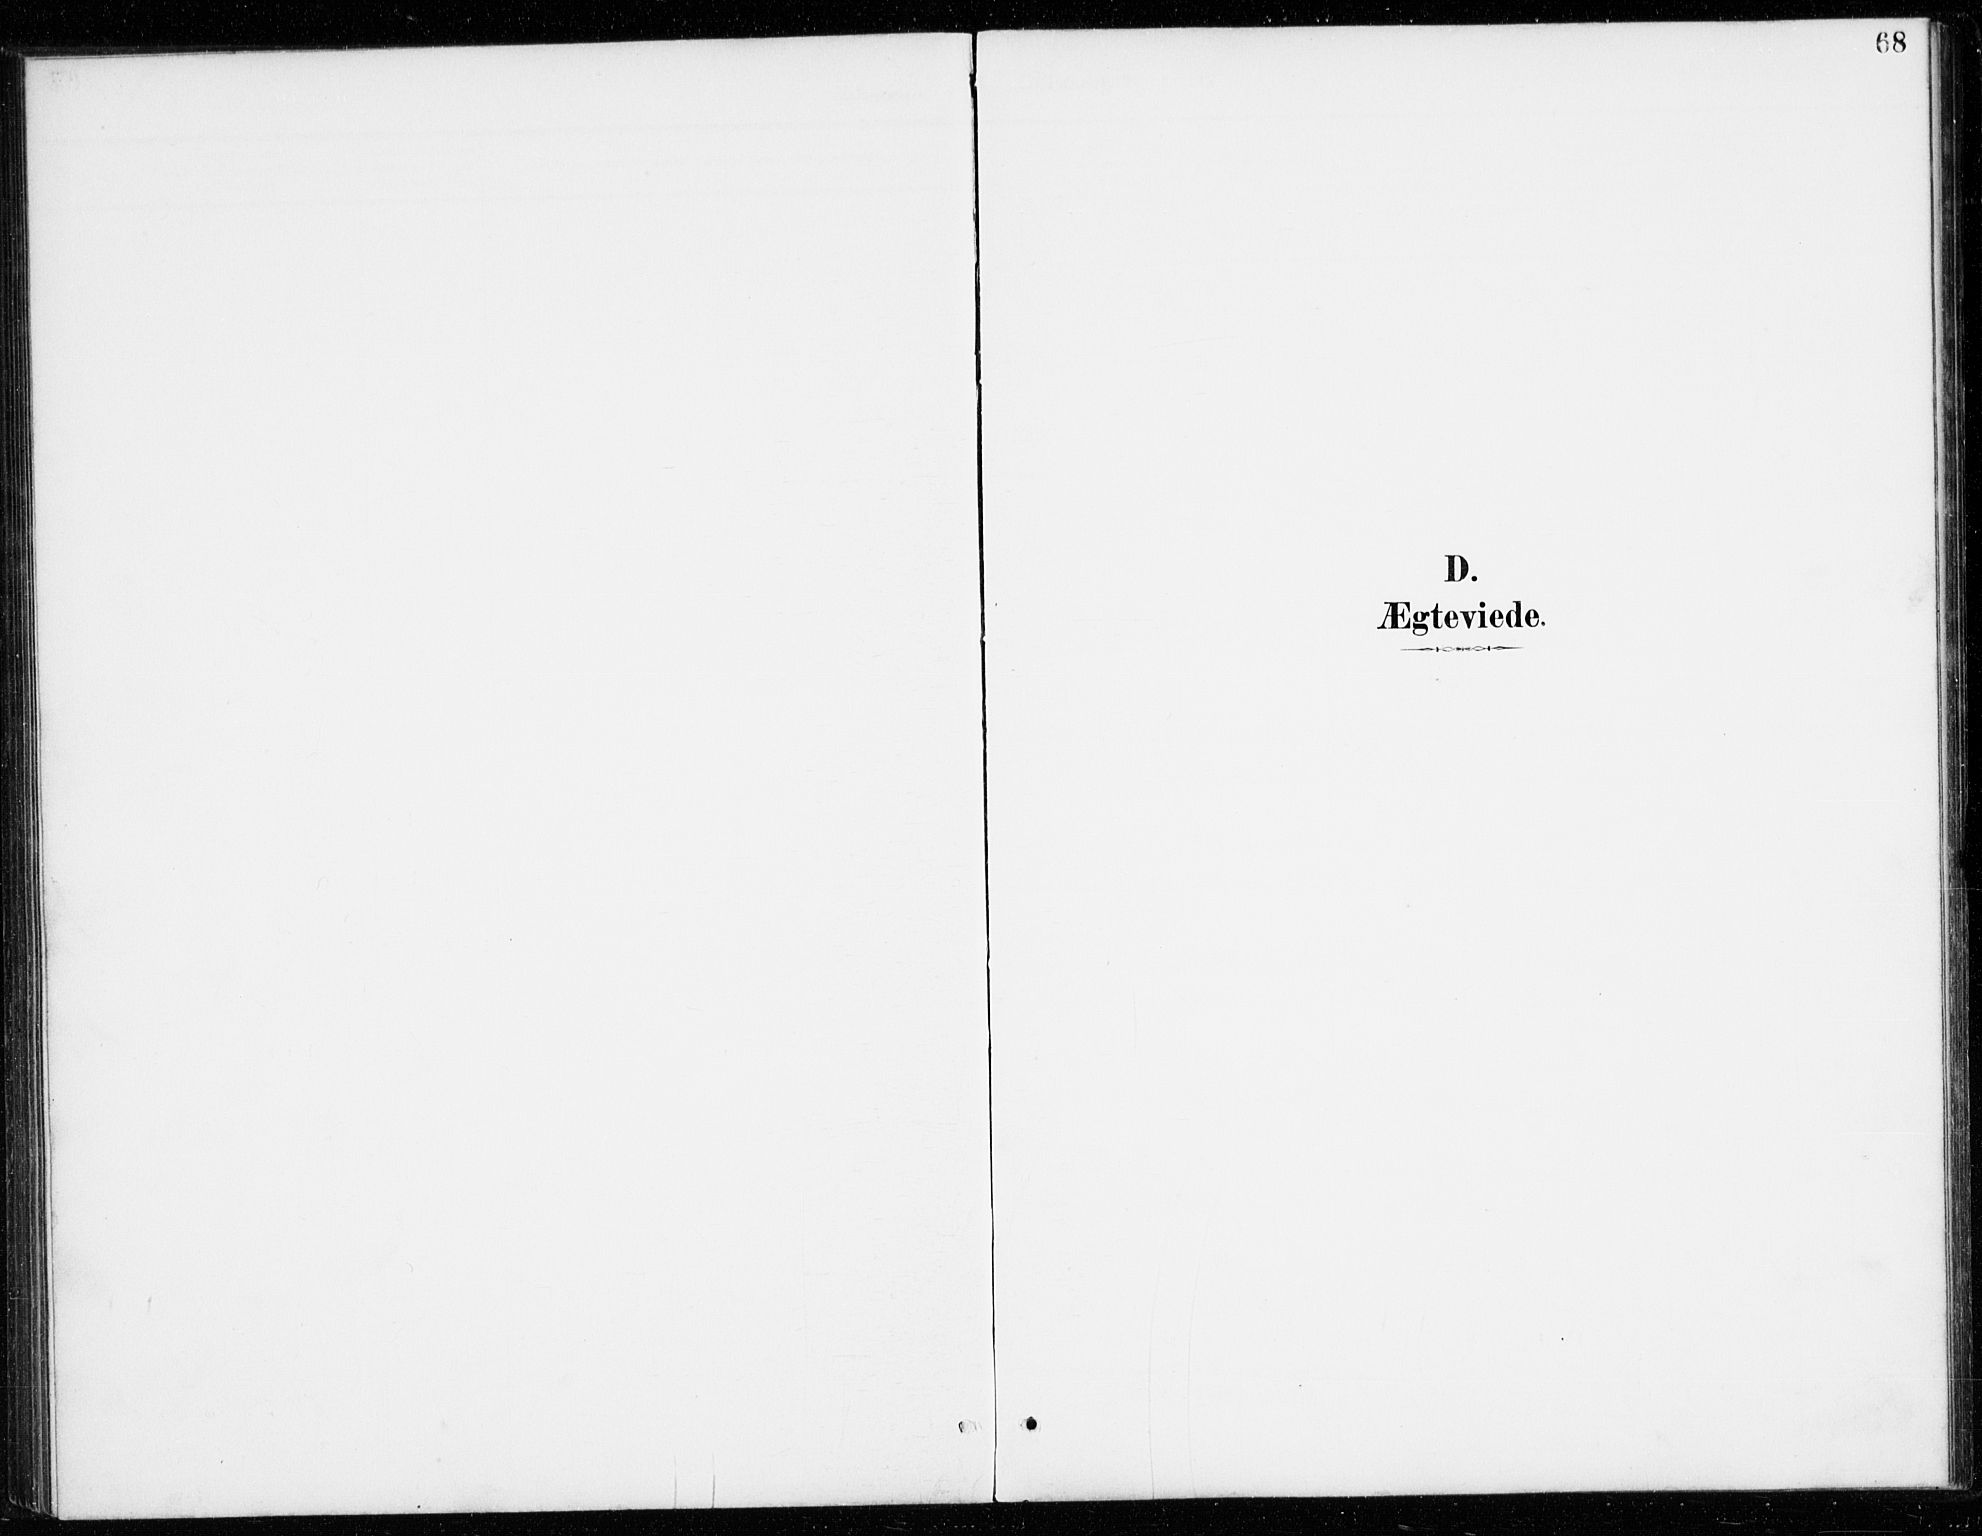 SAKO, Vinje kirkebøker, G/Gb/L0003: Klokkerbok nr. II 3, 1892-1943, s. 68